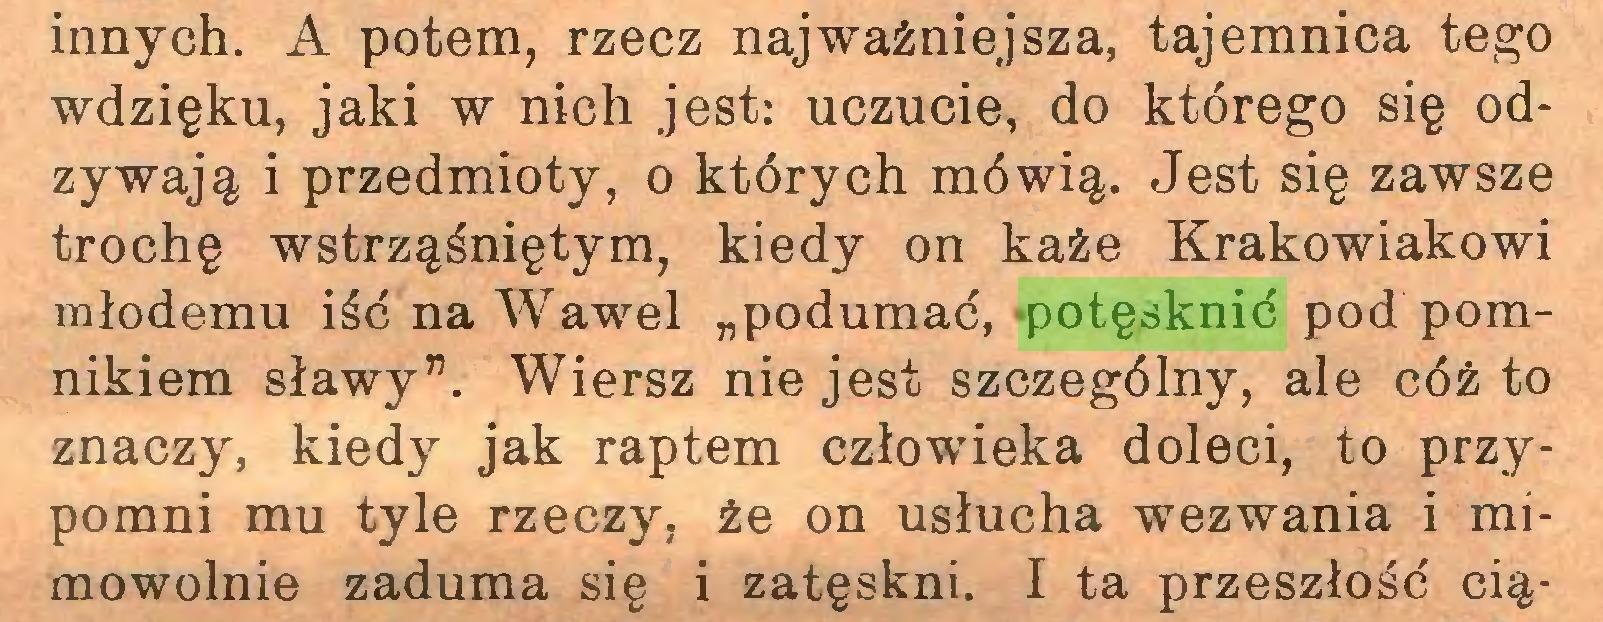 """(...) innych. A potem, rzecz najważniejsza, tajemnica tego wdzięku, jaki w nich jest: uczucie, do którego się odzywają i przedmioty, o których mówią. Jest się zawsze trochę wstrząśniętym, kiedy on każe Krakowiakowi młodemu iść na Wawel """"podumać, potęsknić pod pomnikiem sławy"""". Wiersz nie jest szczególny, ale cóż to znaczy, kiedy jak raptem człowieka doleci, to przypomni mu tyle rzeczy, że on usłucha wezwania i mimowolnie zaduma się i zatęskni. I ta przeszłość cią..."""